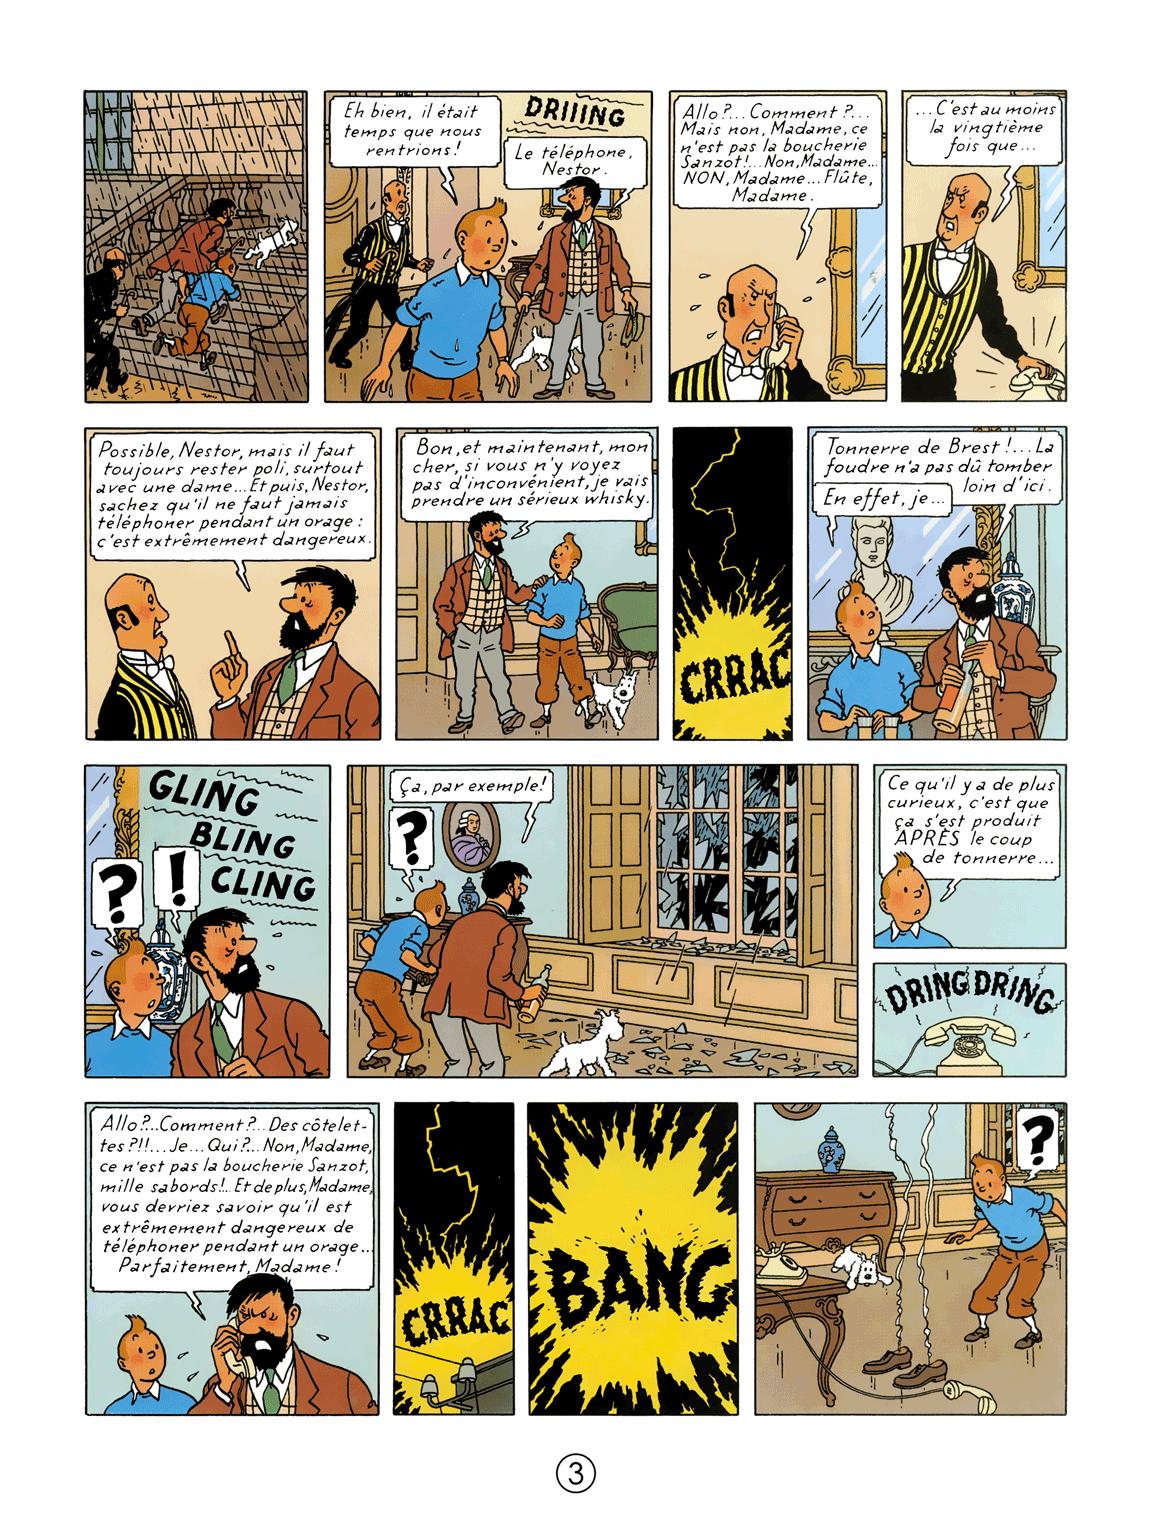 L'Affaire Tournesol - page 3